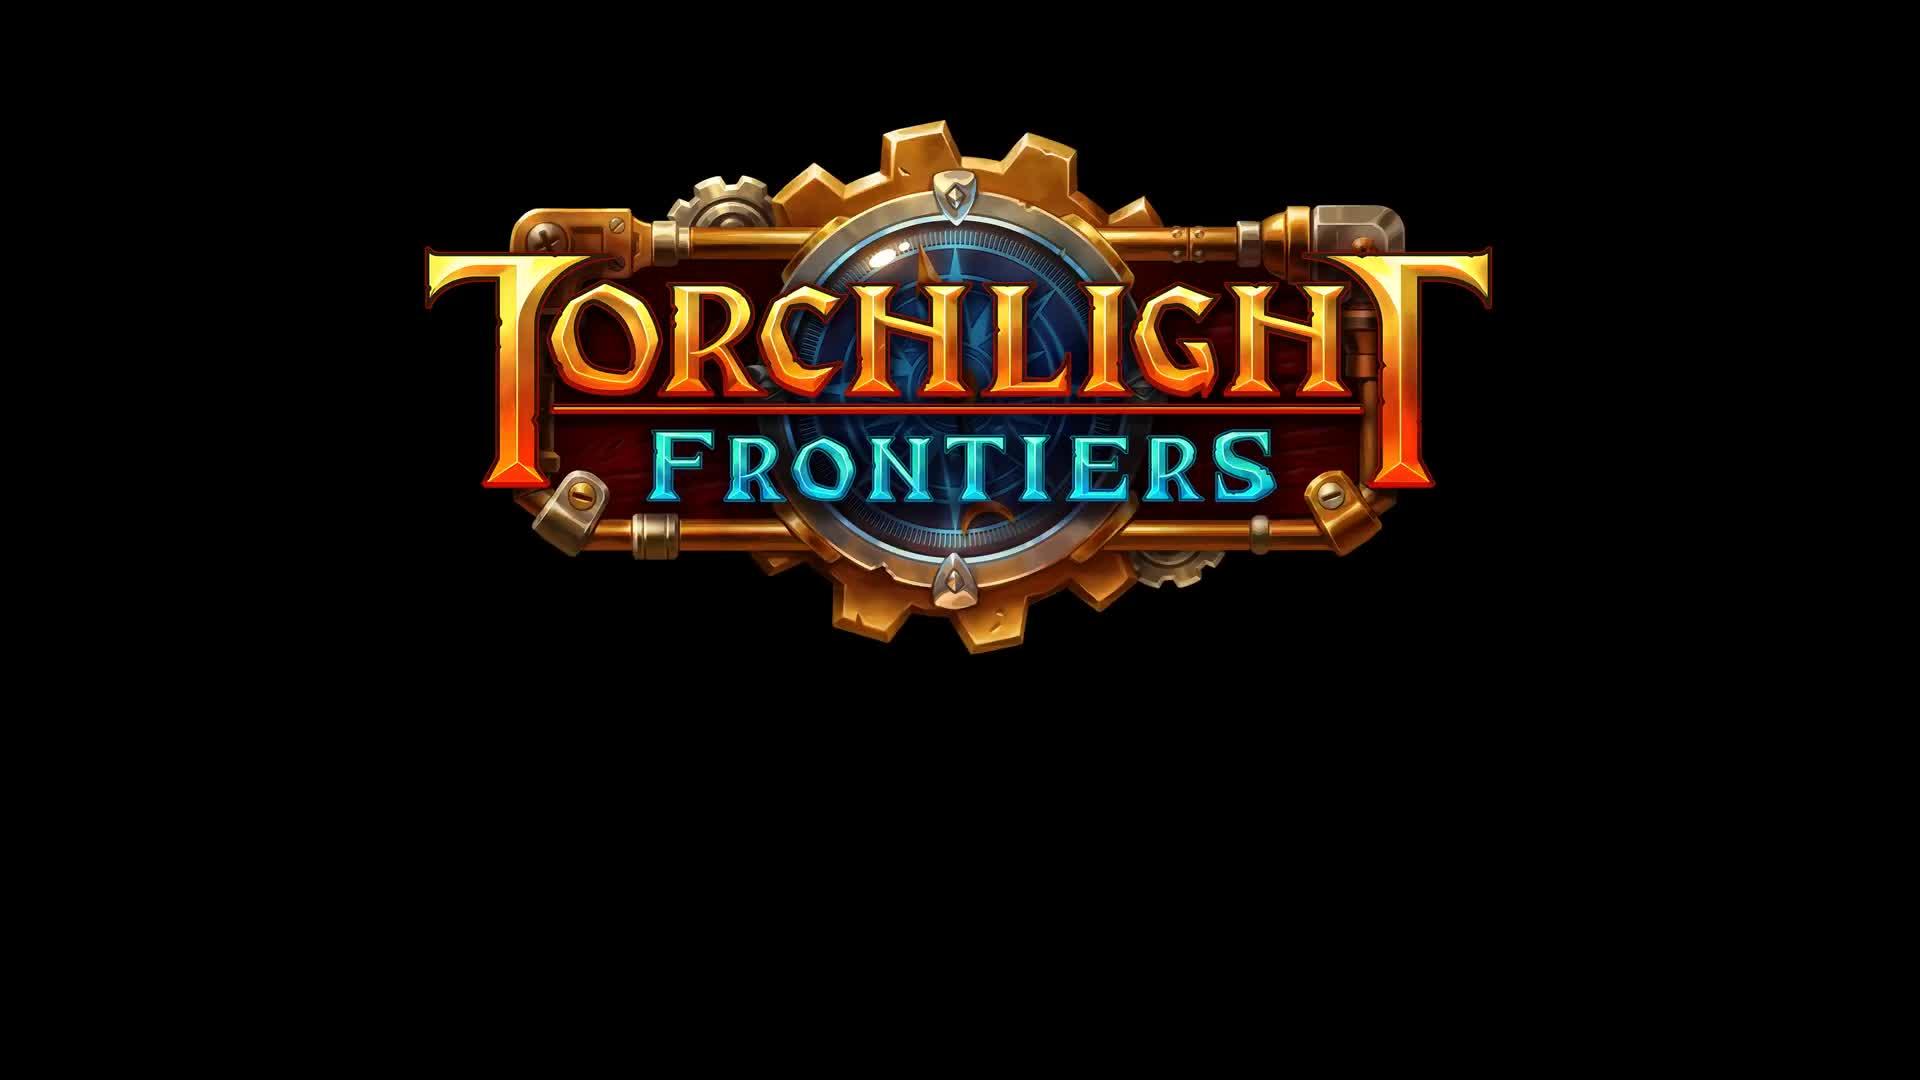 Первый трейлер Torchlight Frontiers от создателей Torchlight и Diablo